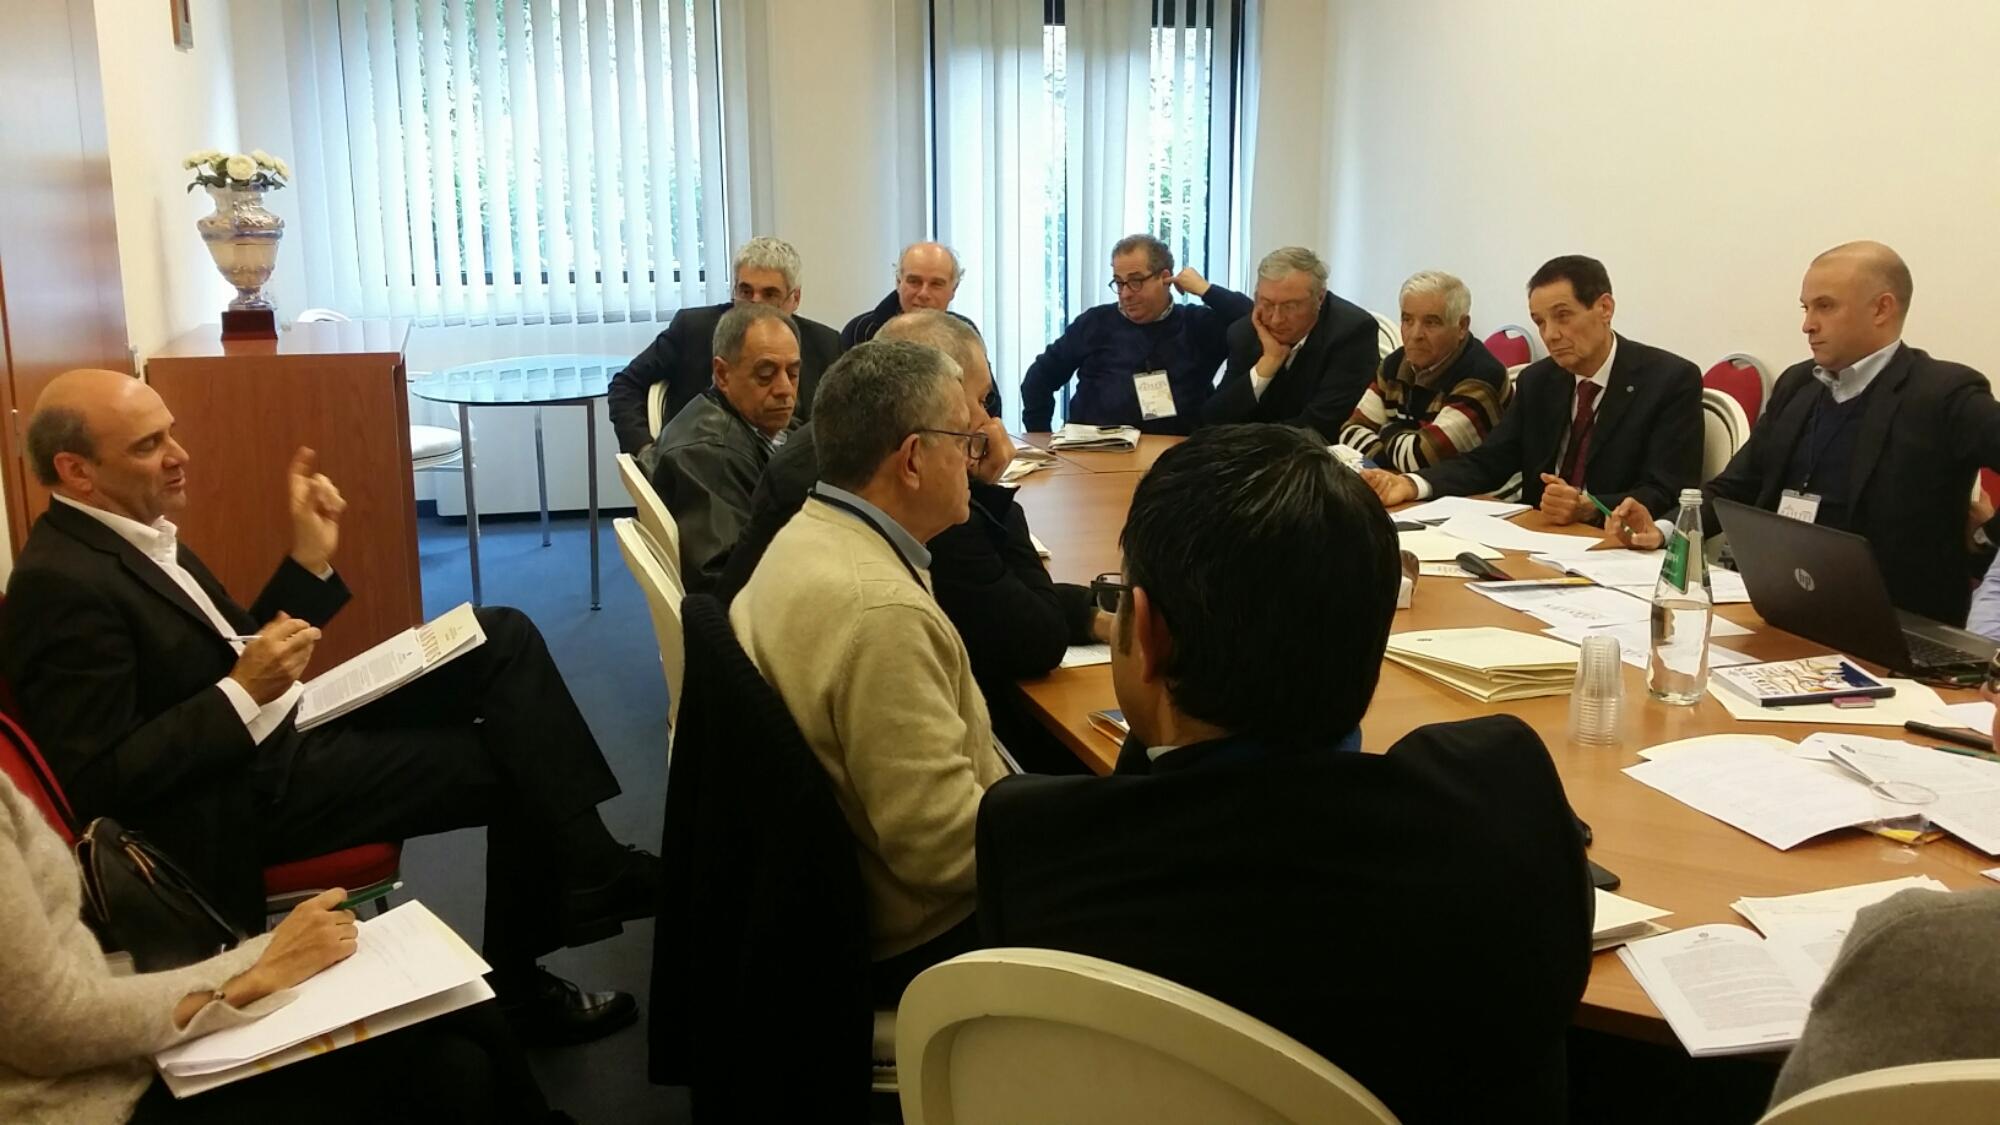 E' in corso al Geo Village di Olbia, la III Conferenza regionale dell'Artigianato.